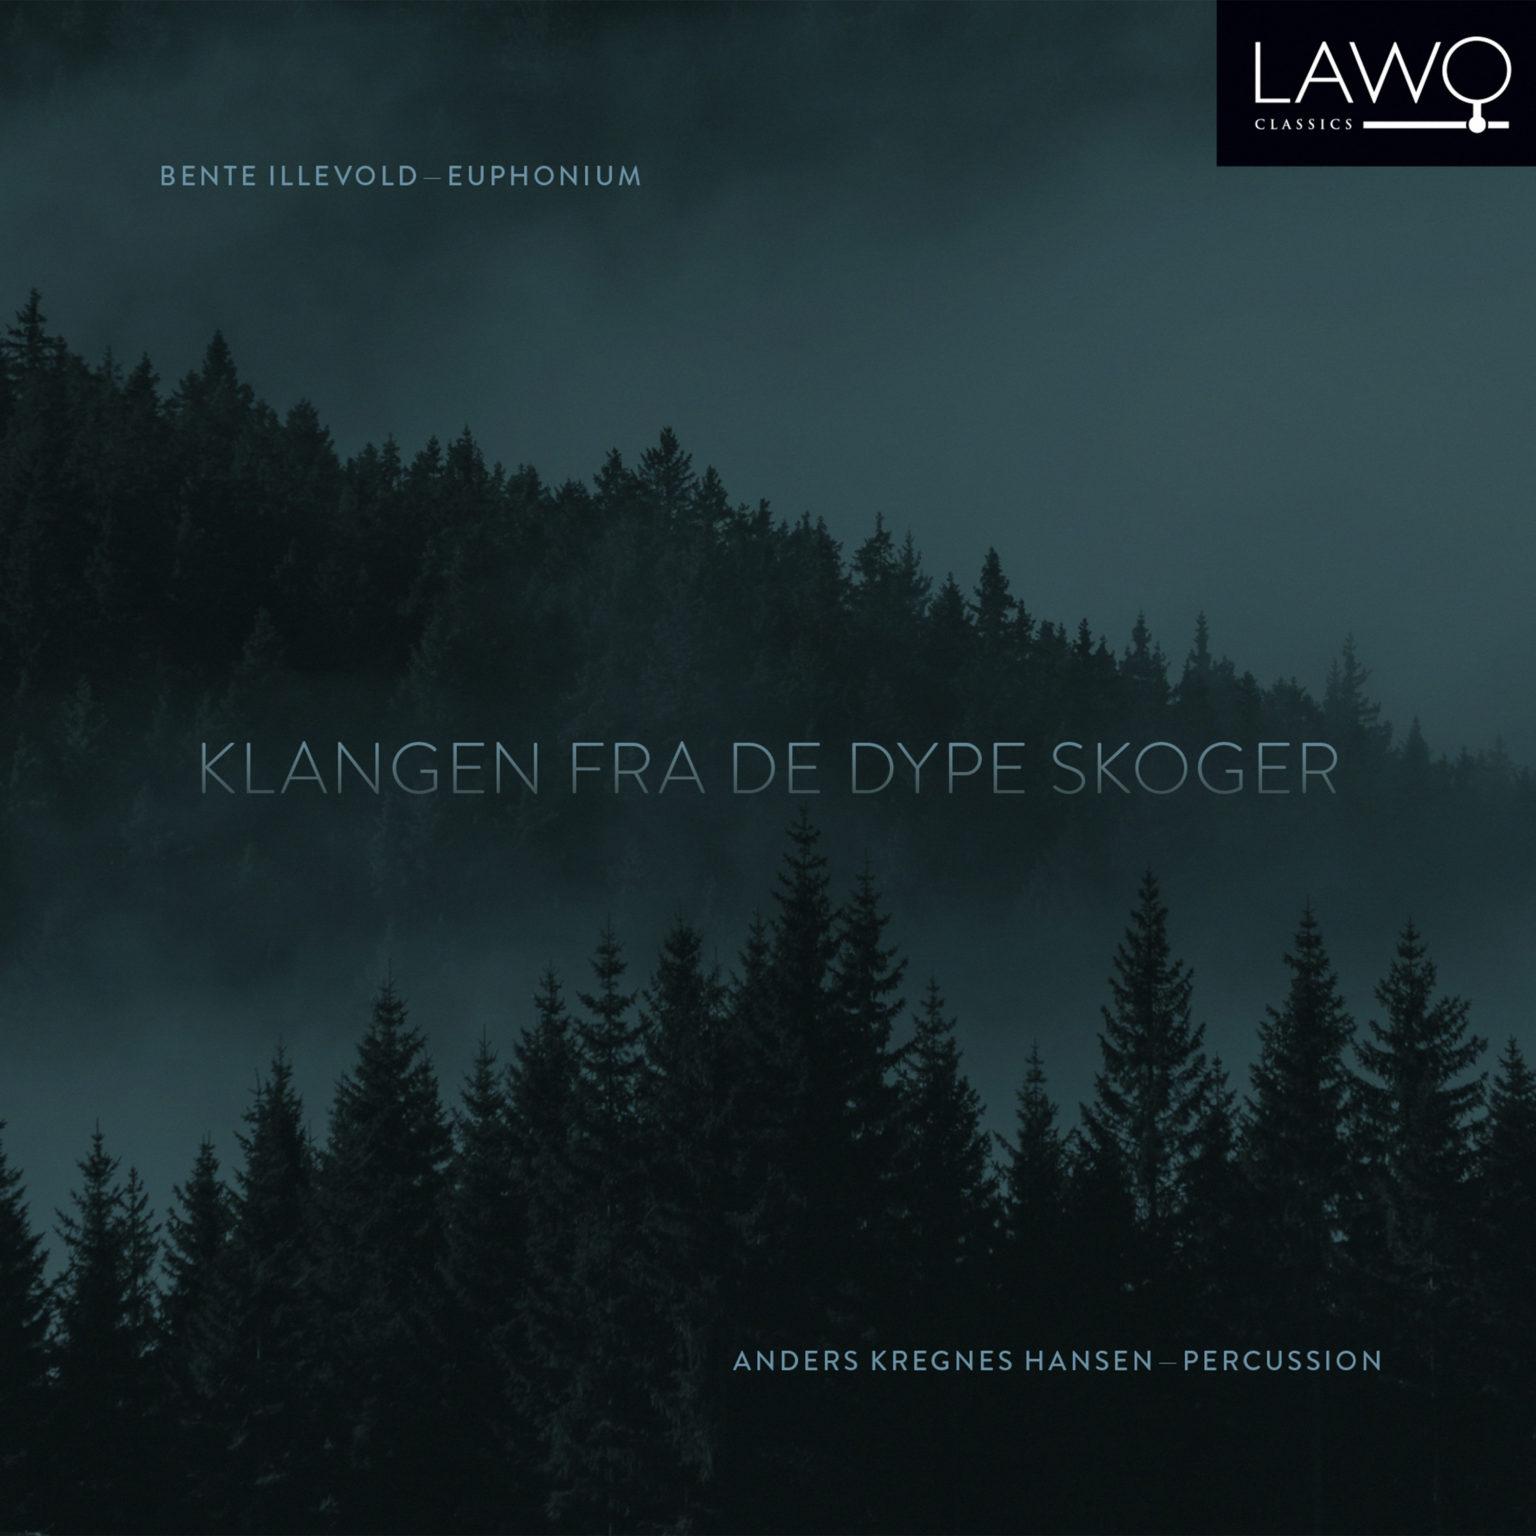 Click image for larger version.  Name:LWC1195_Bente_Illevold_Klangen_fra_de_dype_skoger_cover_3000x3000px-1536x1536.jpg Views:855 Size:174.8 KB ID:7720